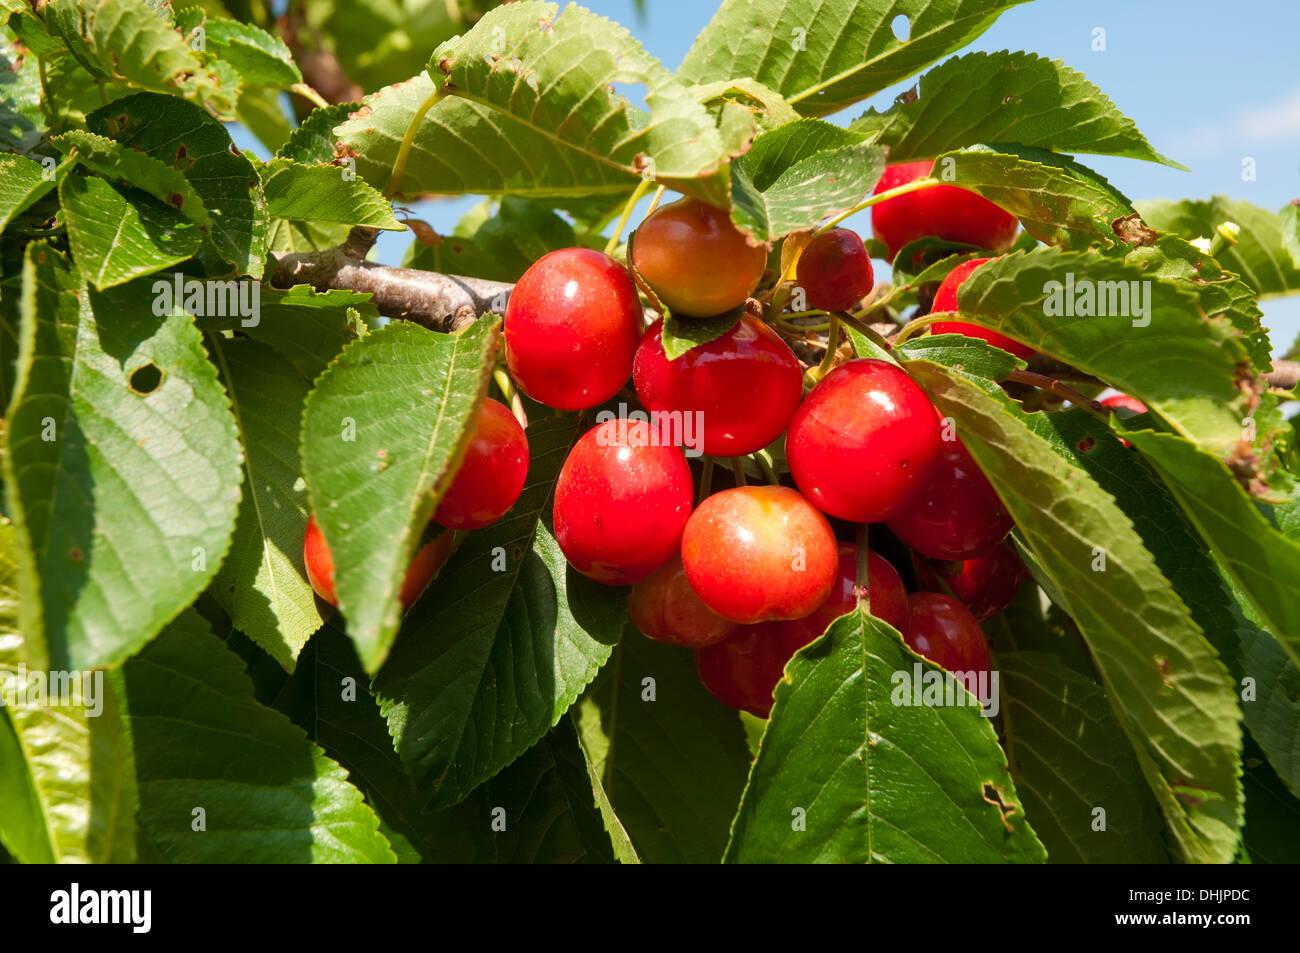 Cherries on tree - Stock Image